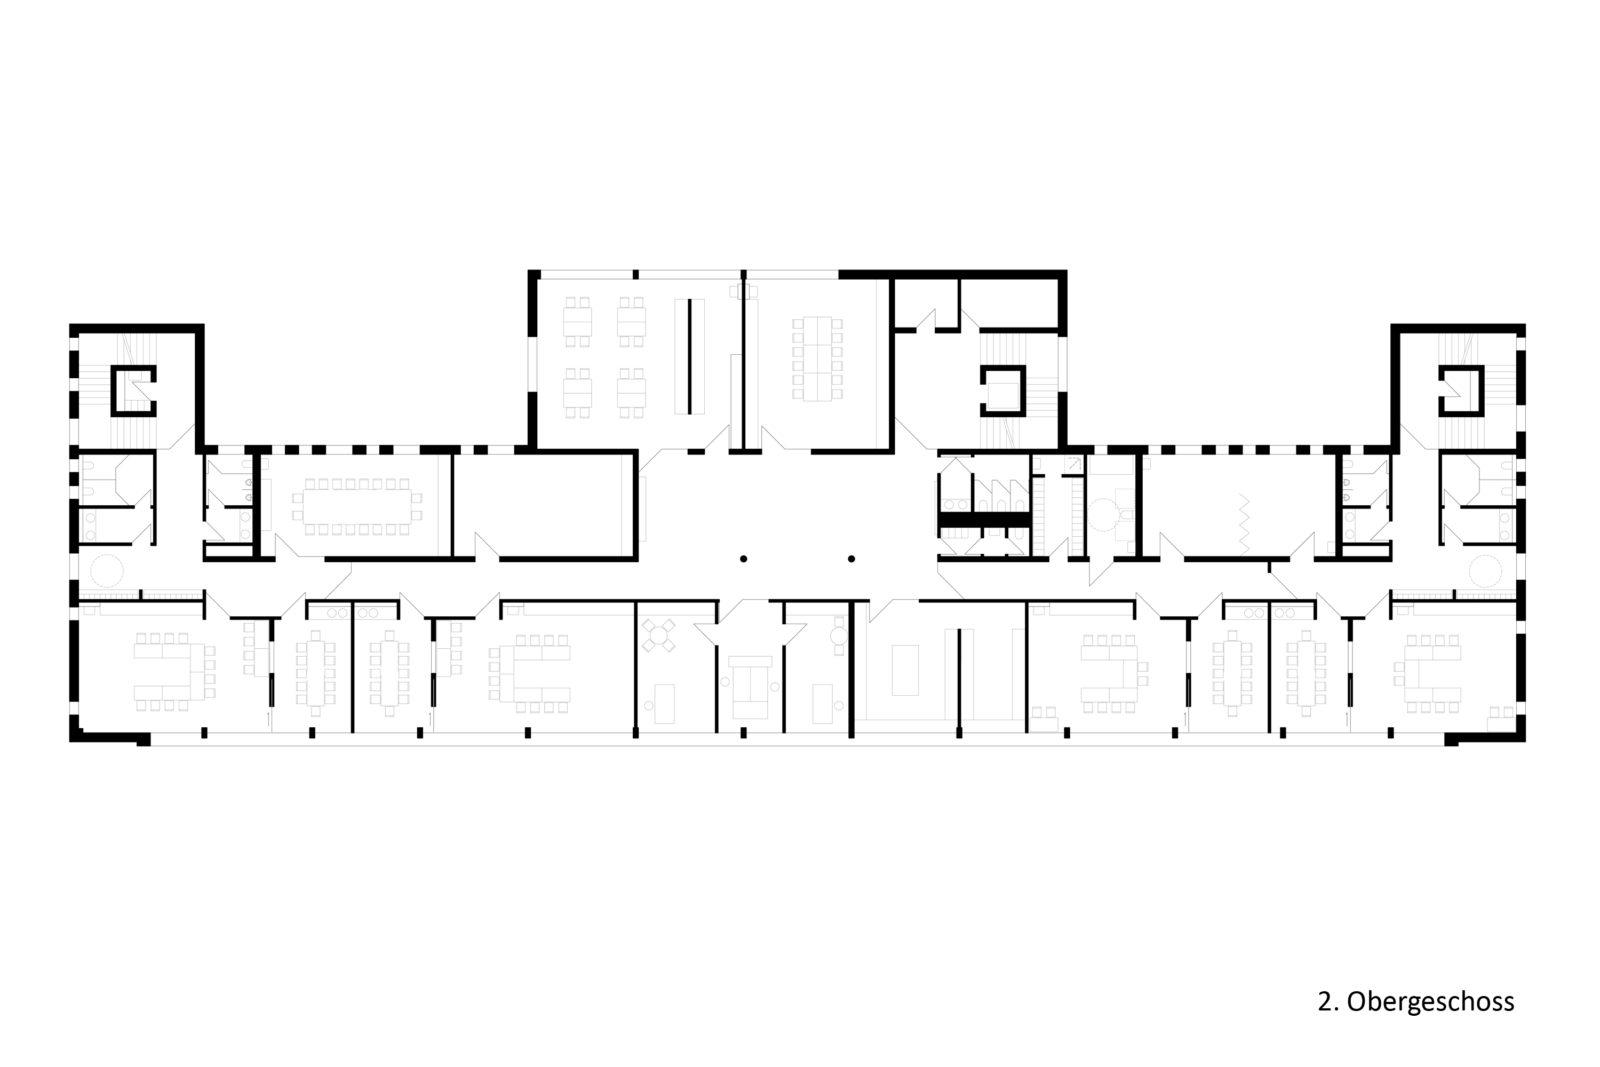 Neubau Kita und Förderschule an der alten Messe, Leipzig - Grundriss 2. Obergeschoss